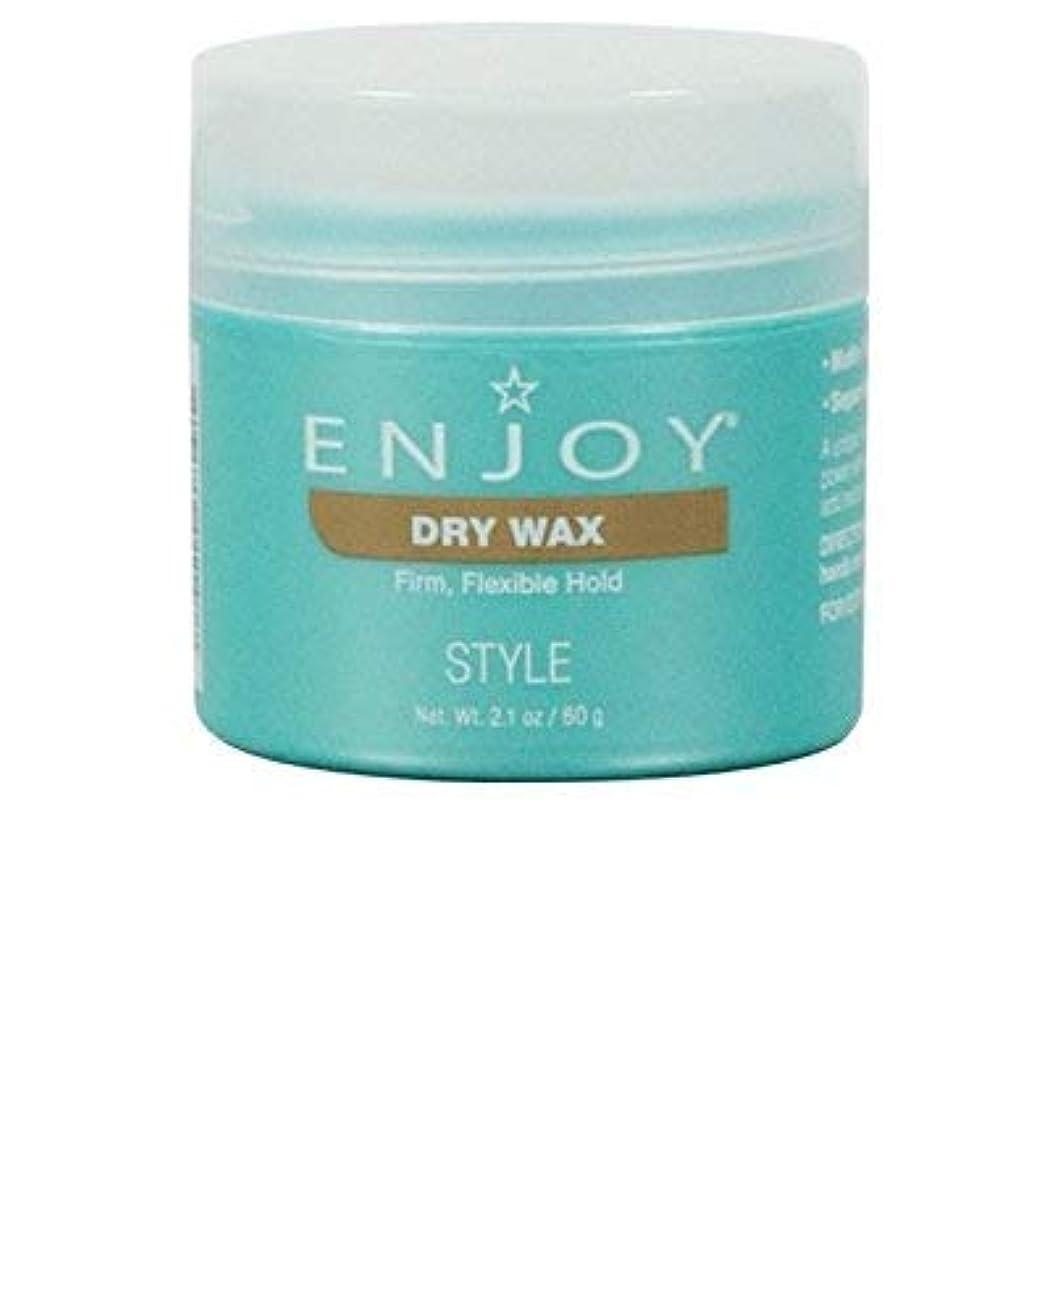 敗北安息請求書Dry Wax 2.1 fl oz 60g ドライ ワックス